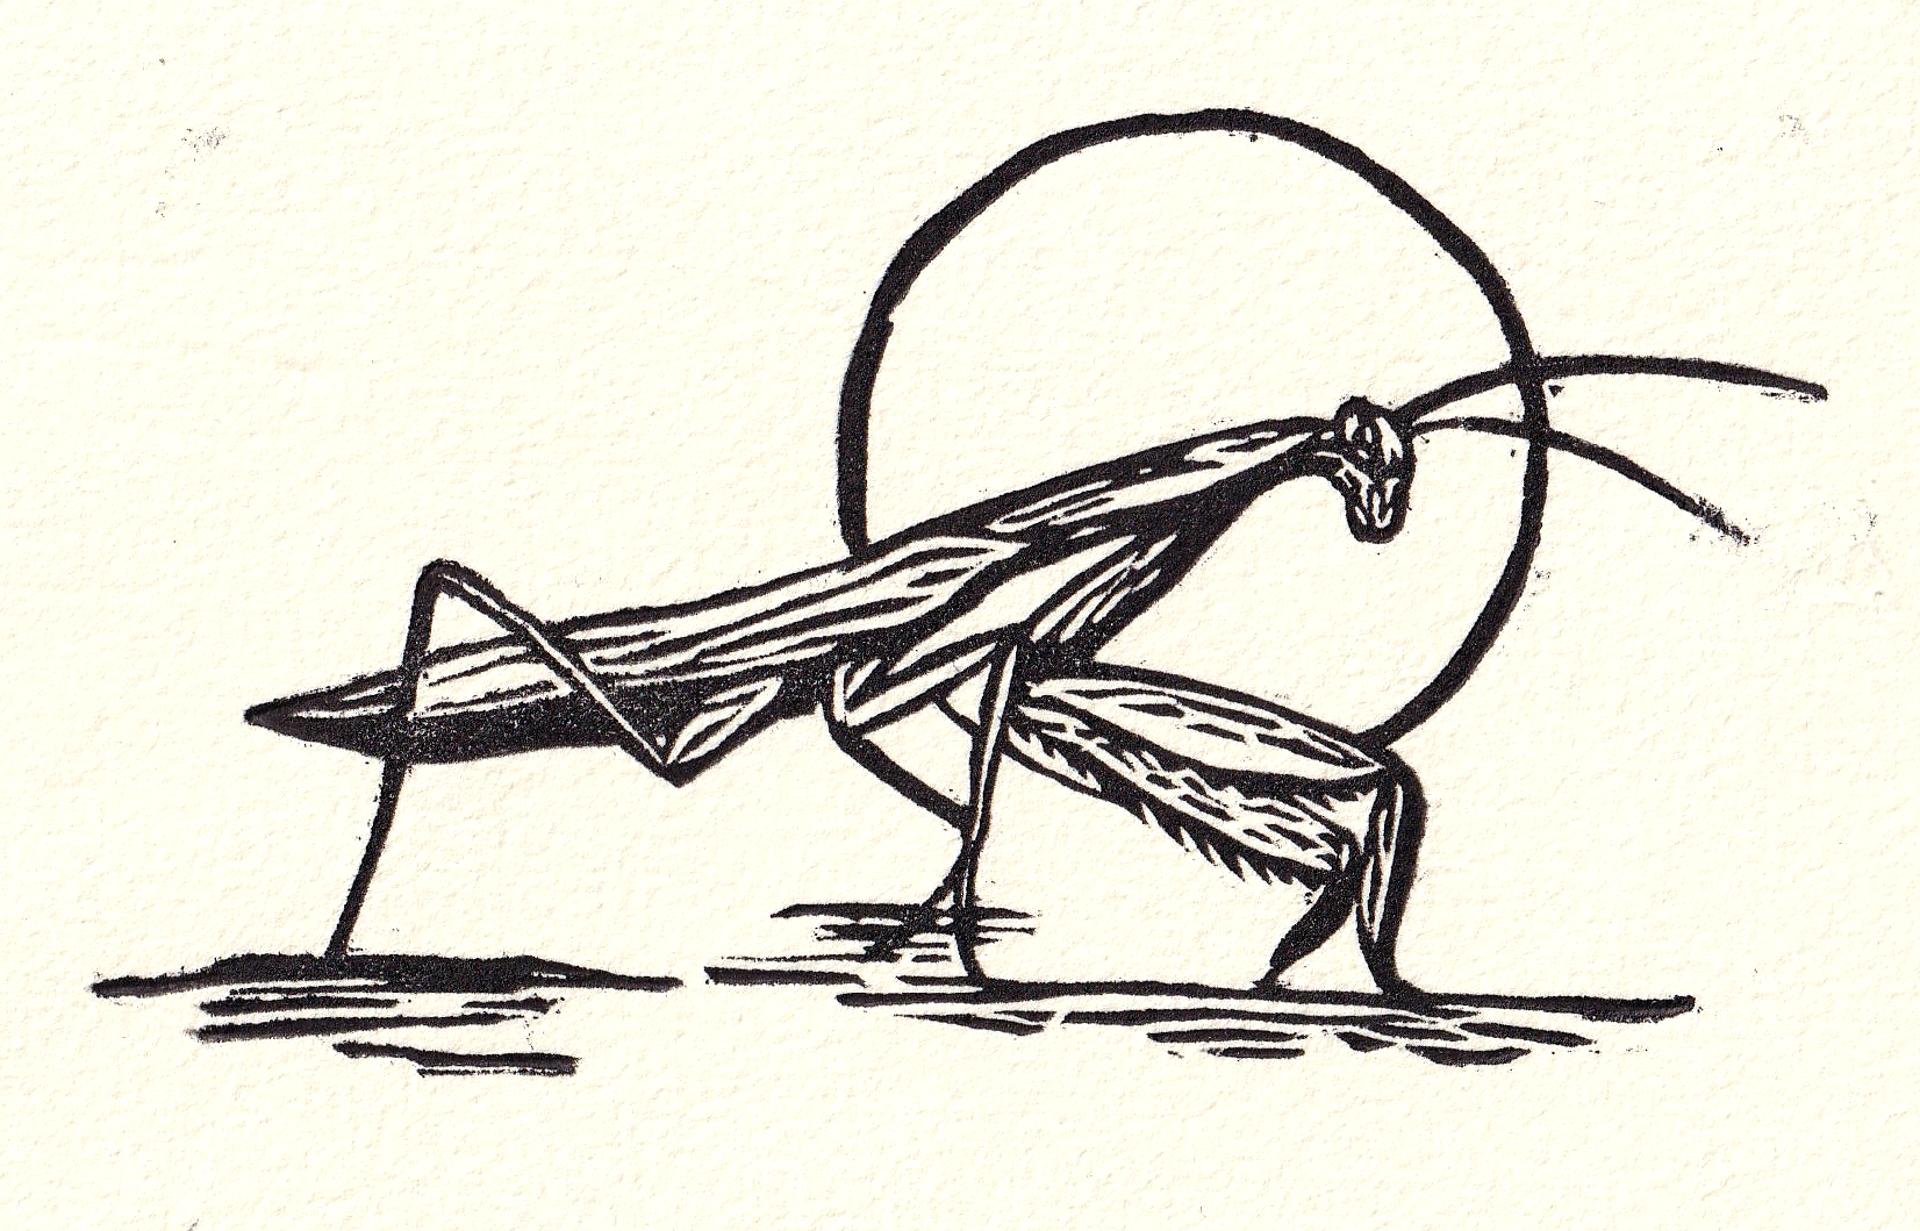 Mantis by Miguel Jimenez Martinez